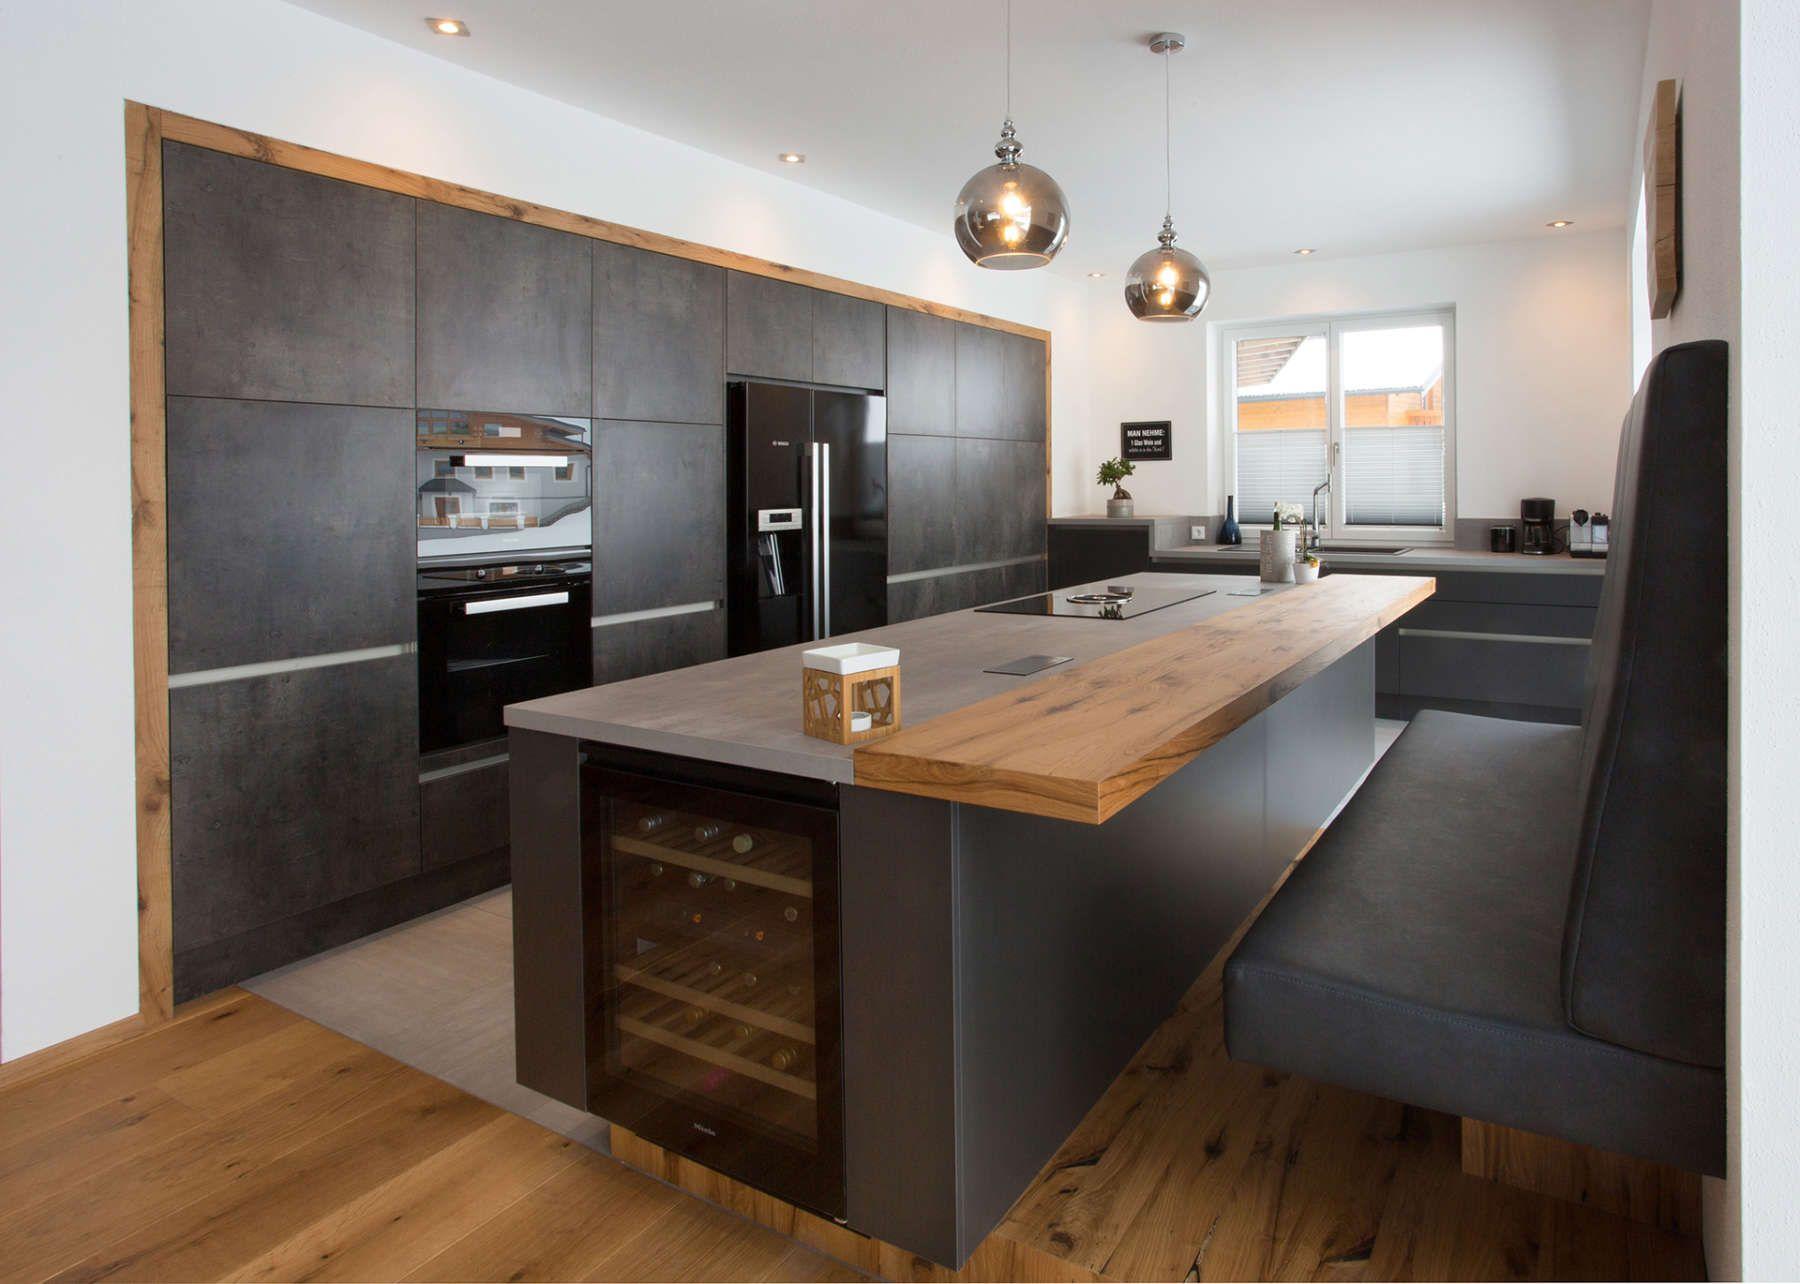 Moderne Küchen Gfrerer Küchen & Qualitätsmöbel in 2019